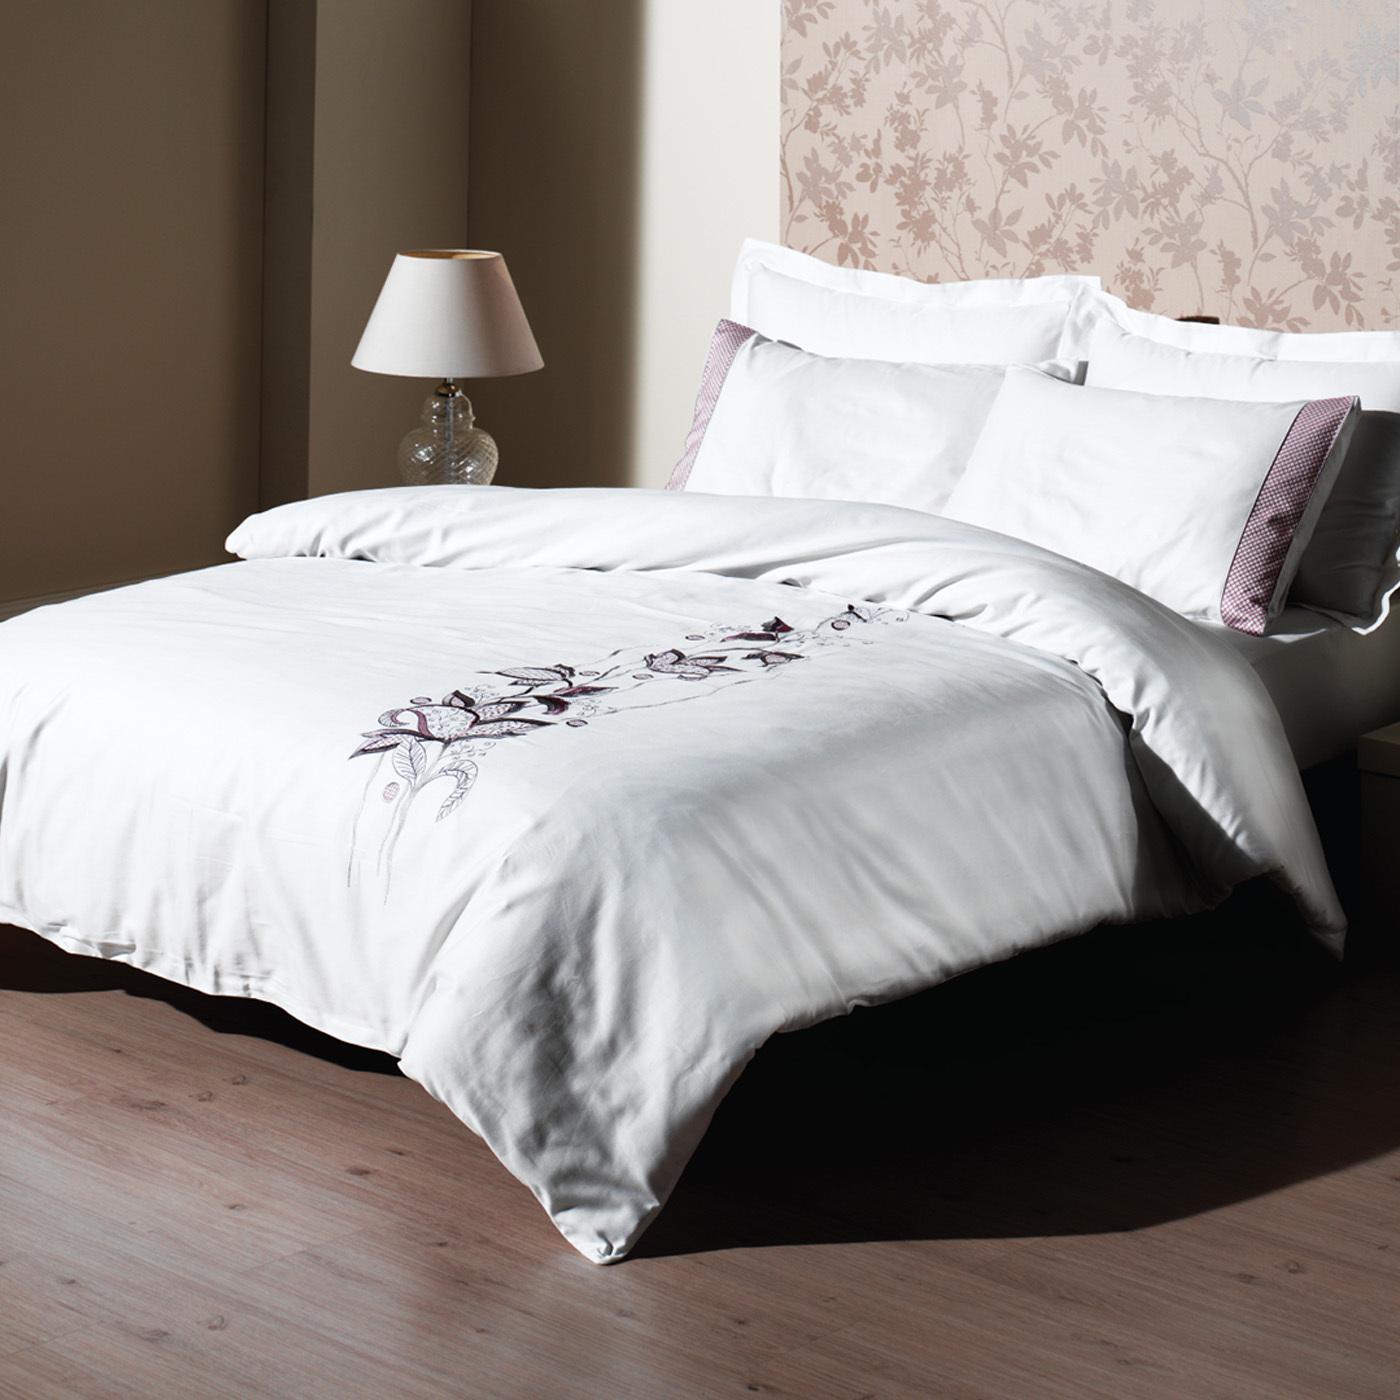 Купить Комплект постельного белья Gazelle Euro, inmyroom, Турция